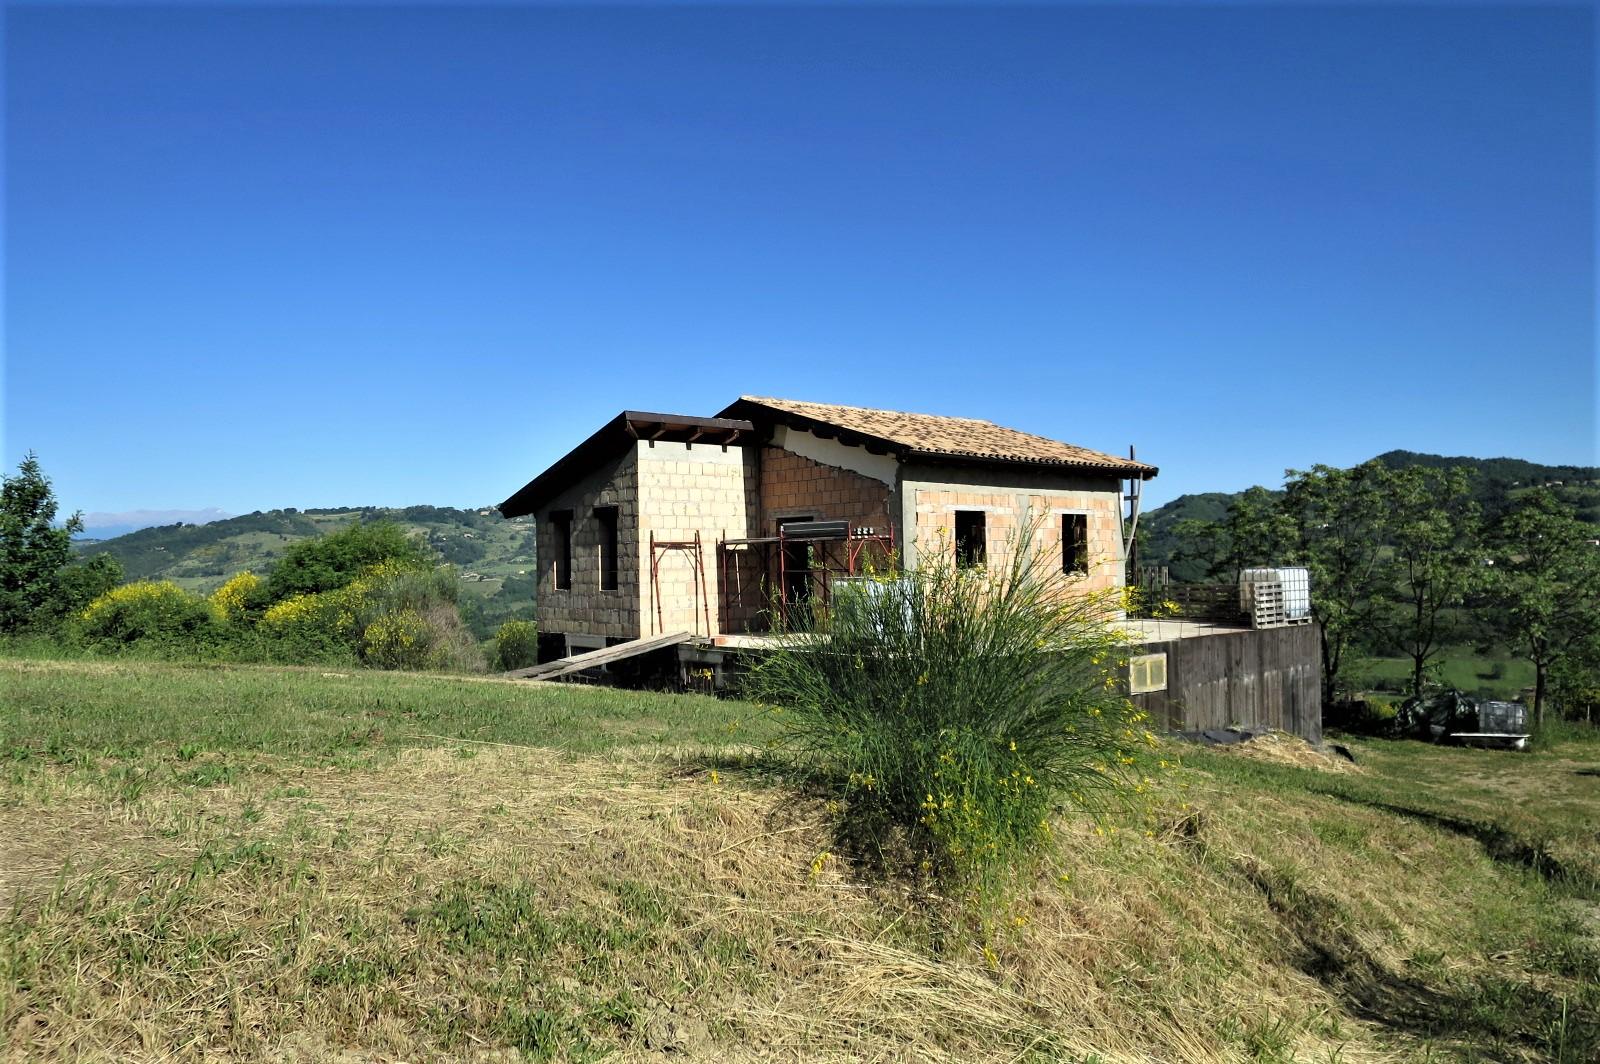 Country Houses Country Houses for sale Castiglione Messer Raimondo (TE), Casa Paradiso - Castiglione Messer Raimondo - EUR 181.096 520